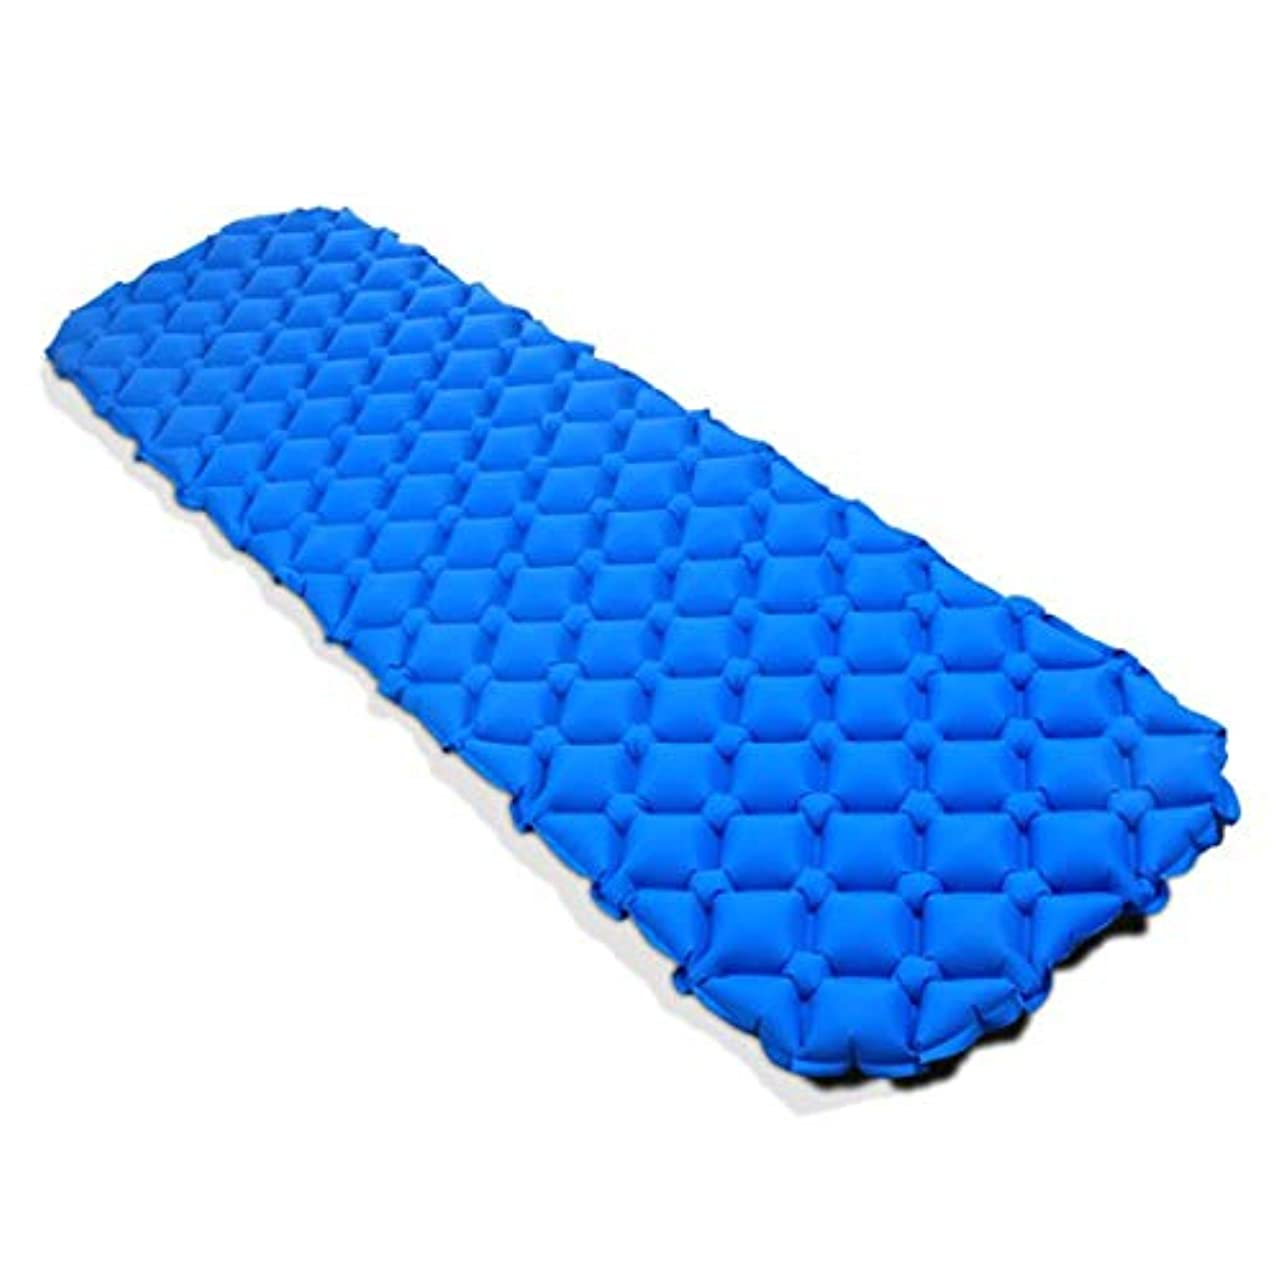 アナロジー元気麺Wanc キャンプテント寝袋 - 戸外の防湿自動インフレータブルパッドPVC自動インフレータブルパッド単一の縫製することができます